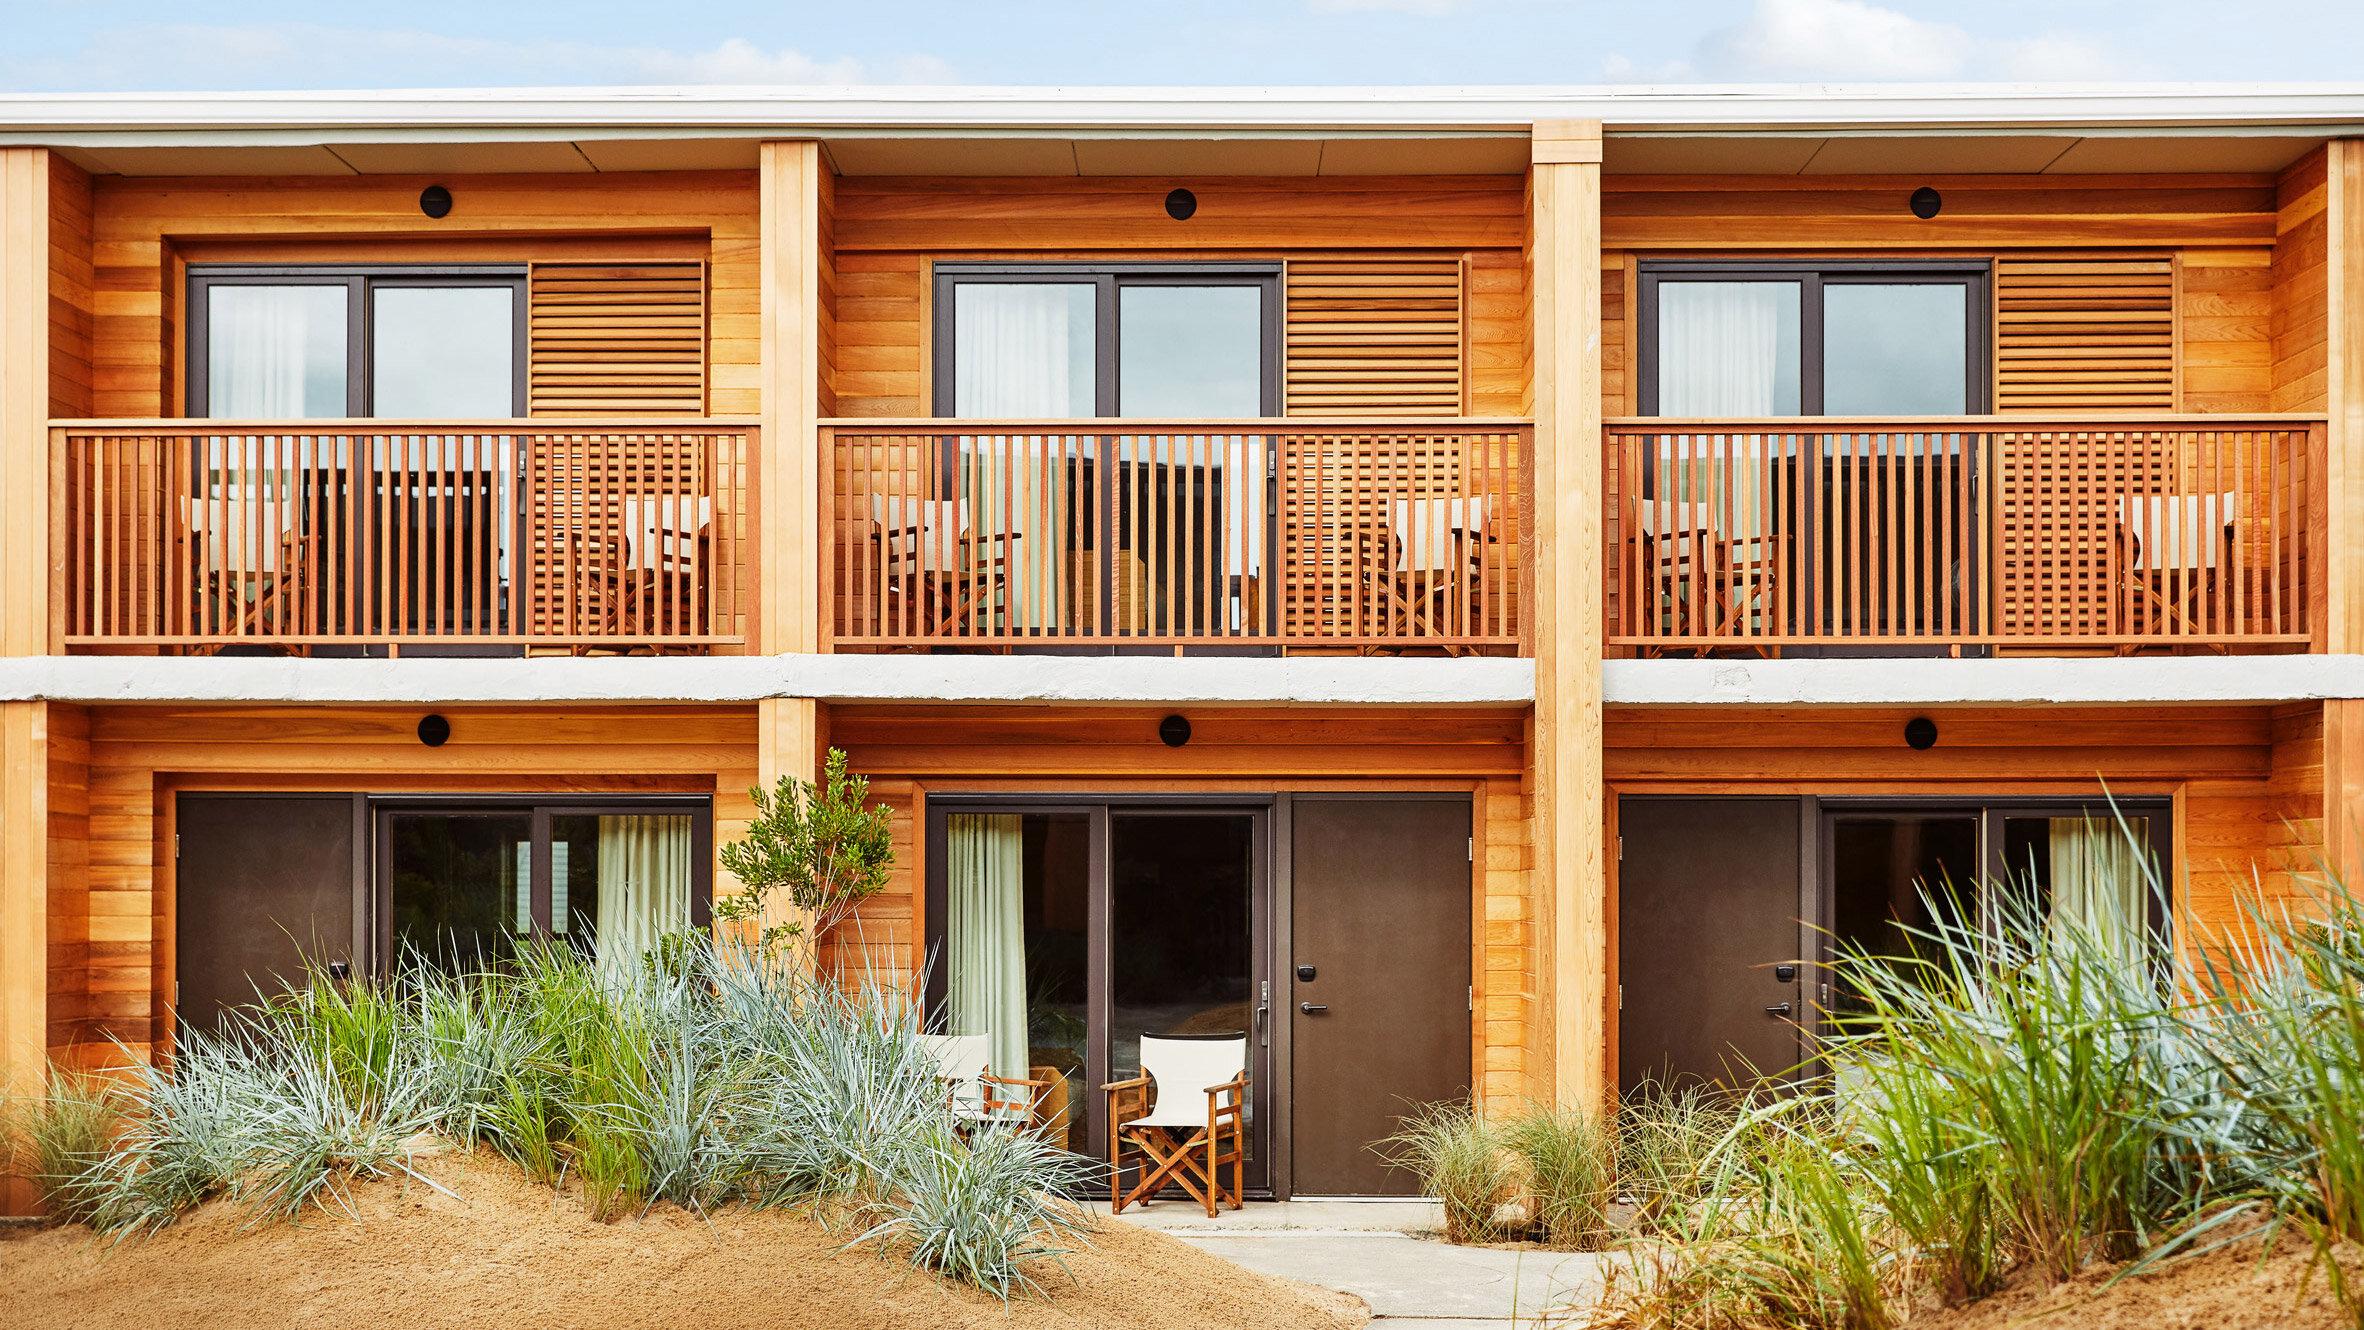 marram-hotel-bridgeton-studio-tack_dezeen-hero.jpg